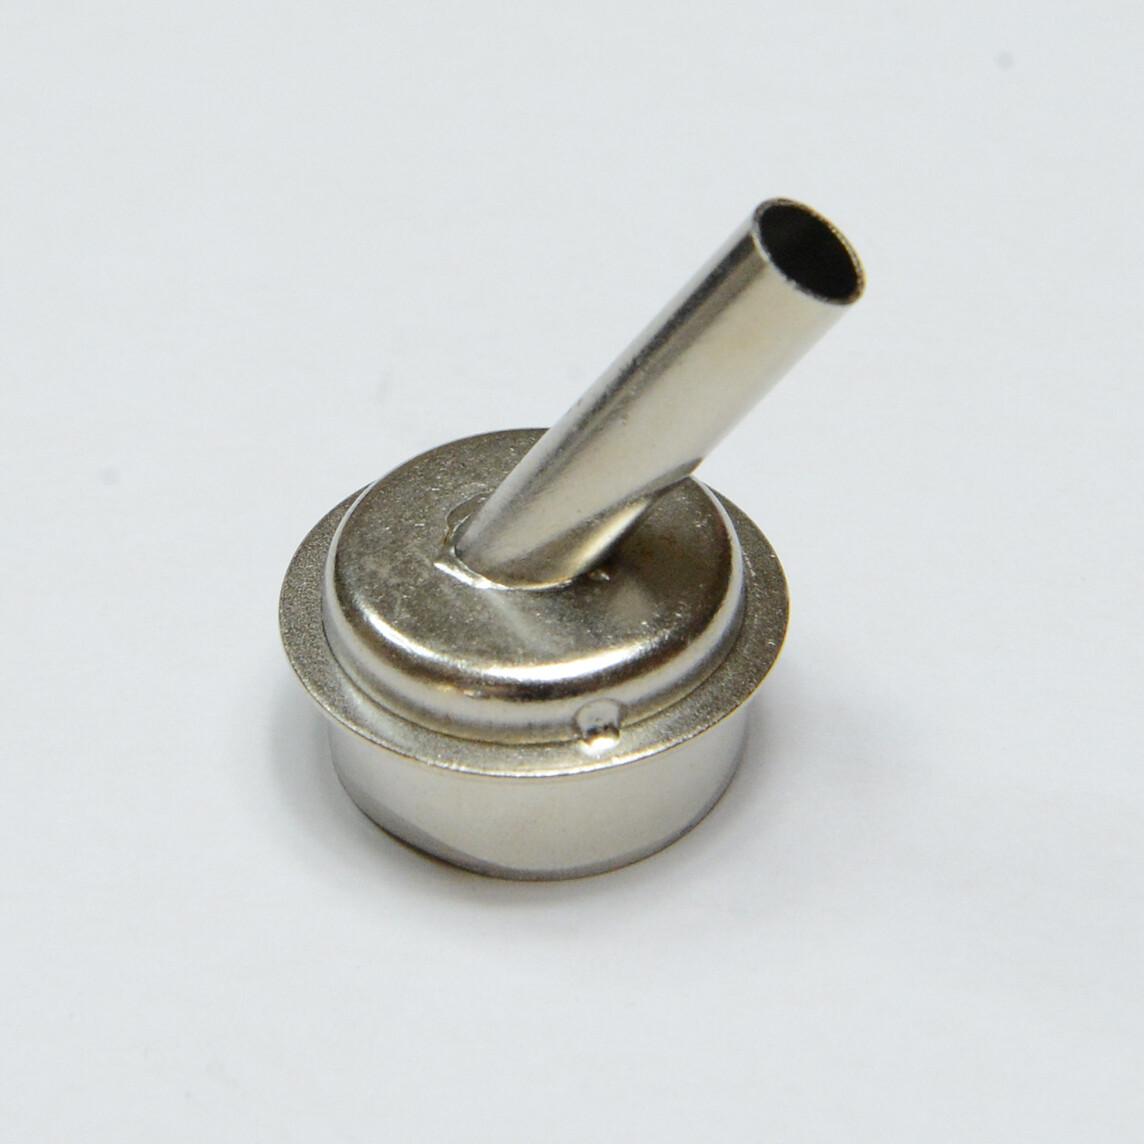 Puntas inclinadas para QUICK 861DW 8 mm de grosor